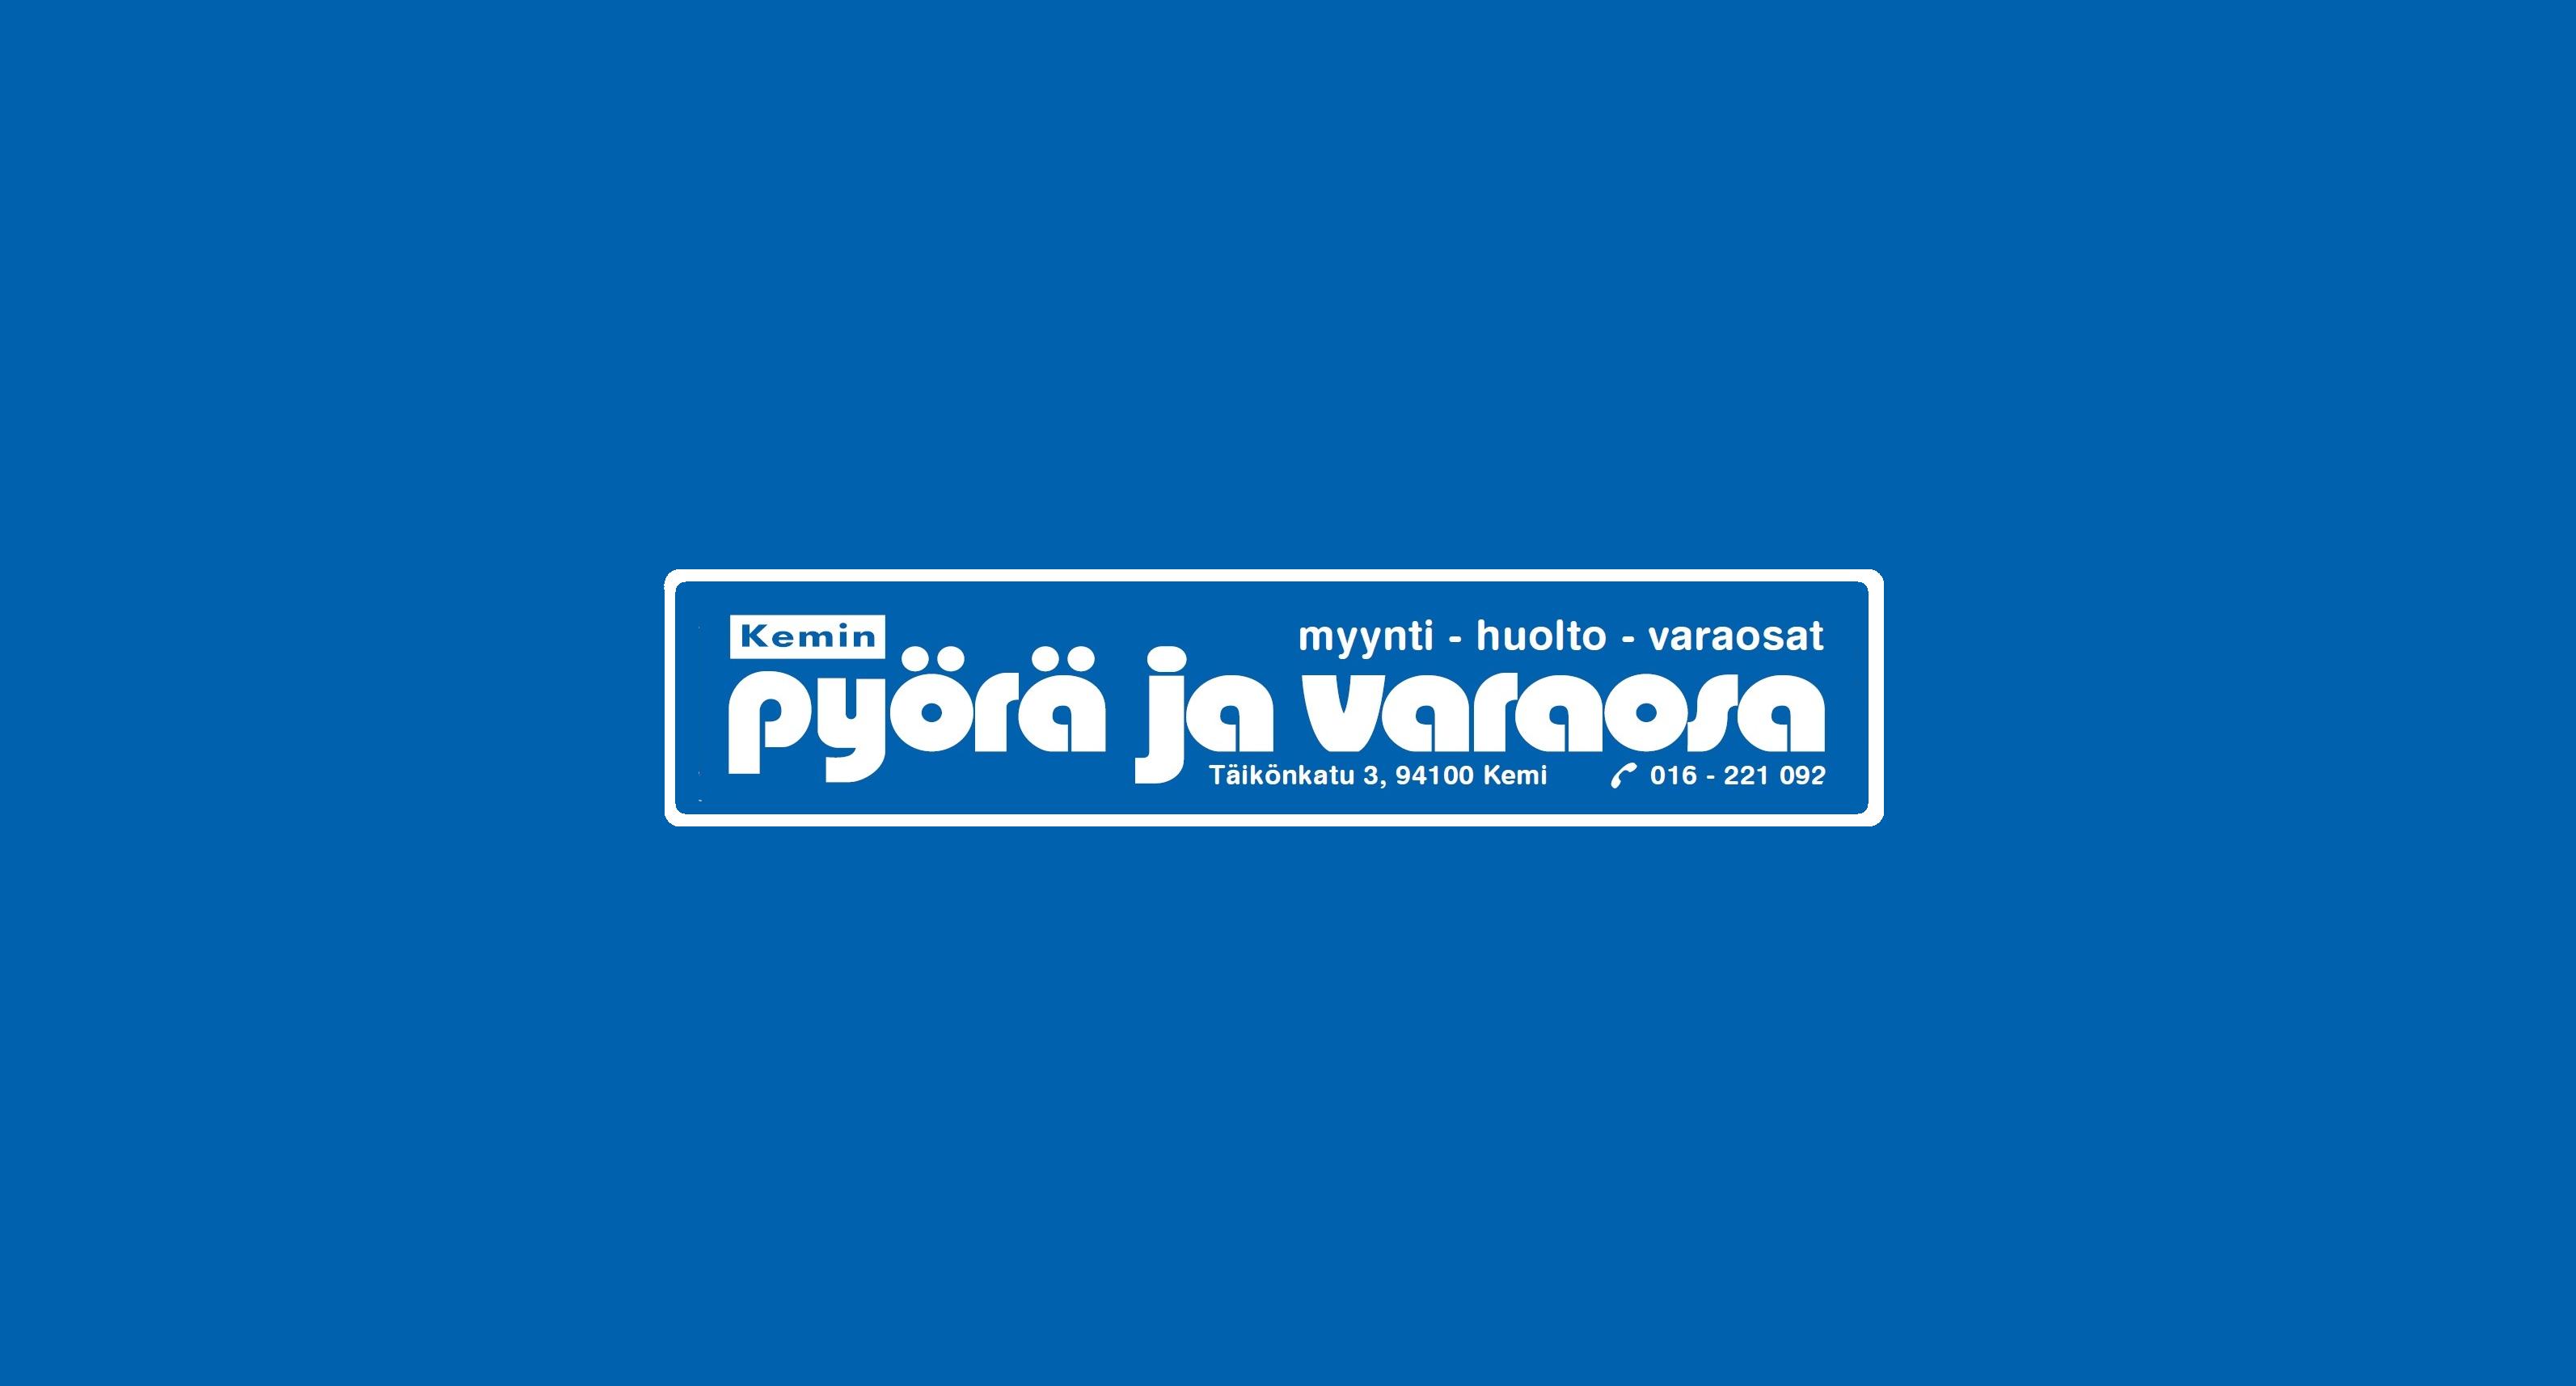 Kemin pyörä ja varaosa logo